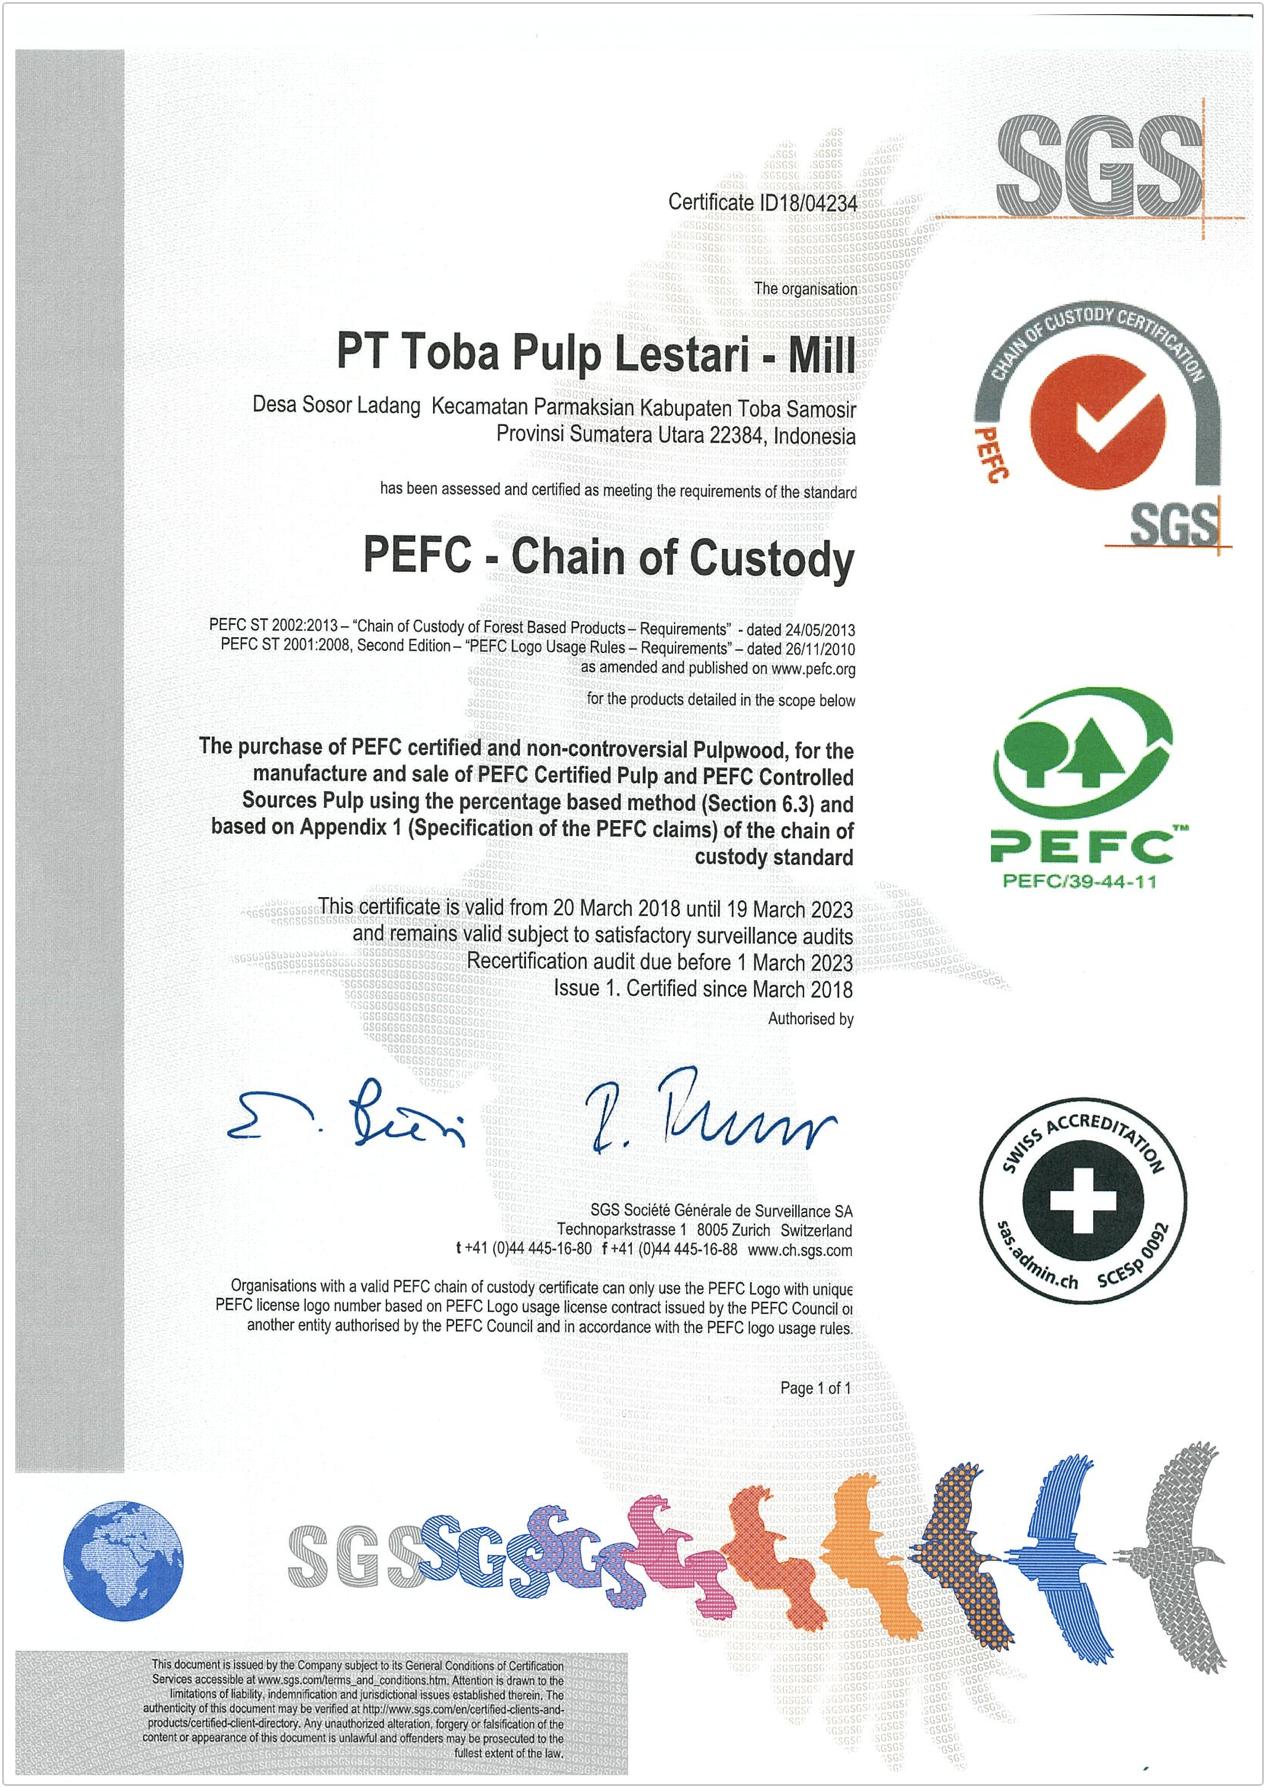 PEFC-CS MILL 2019